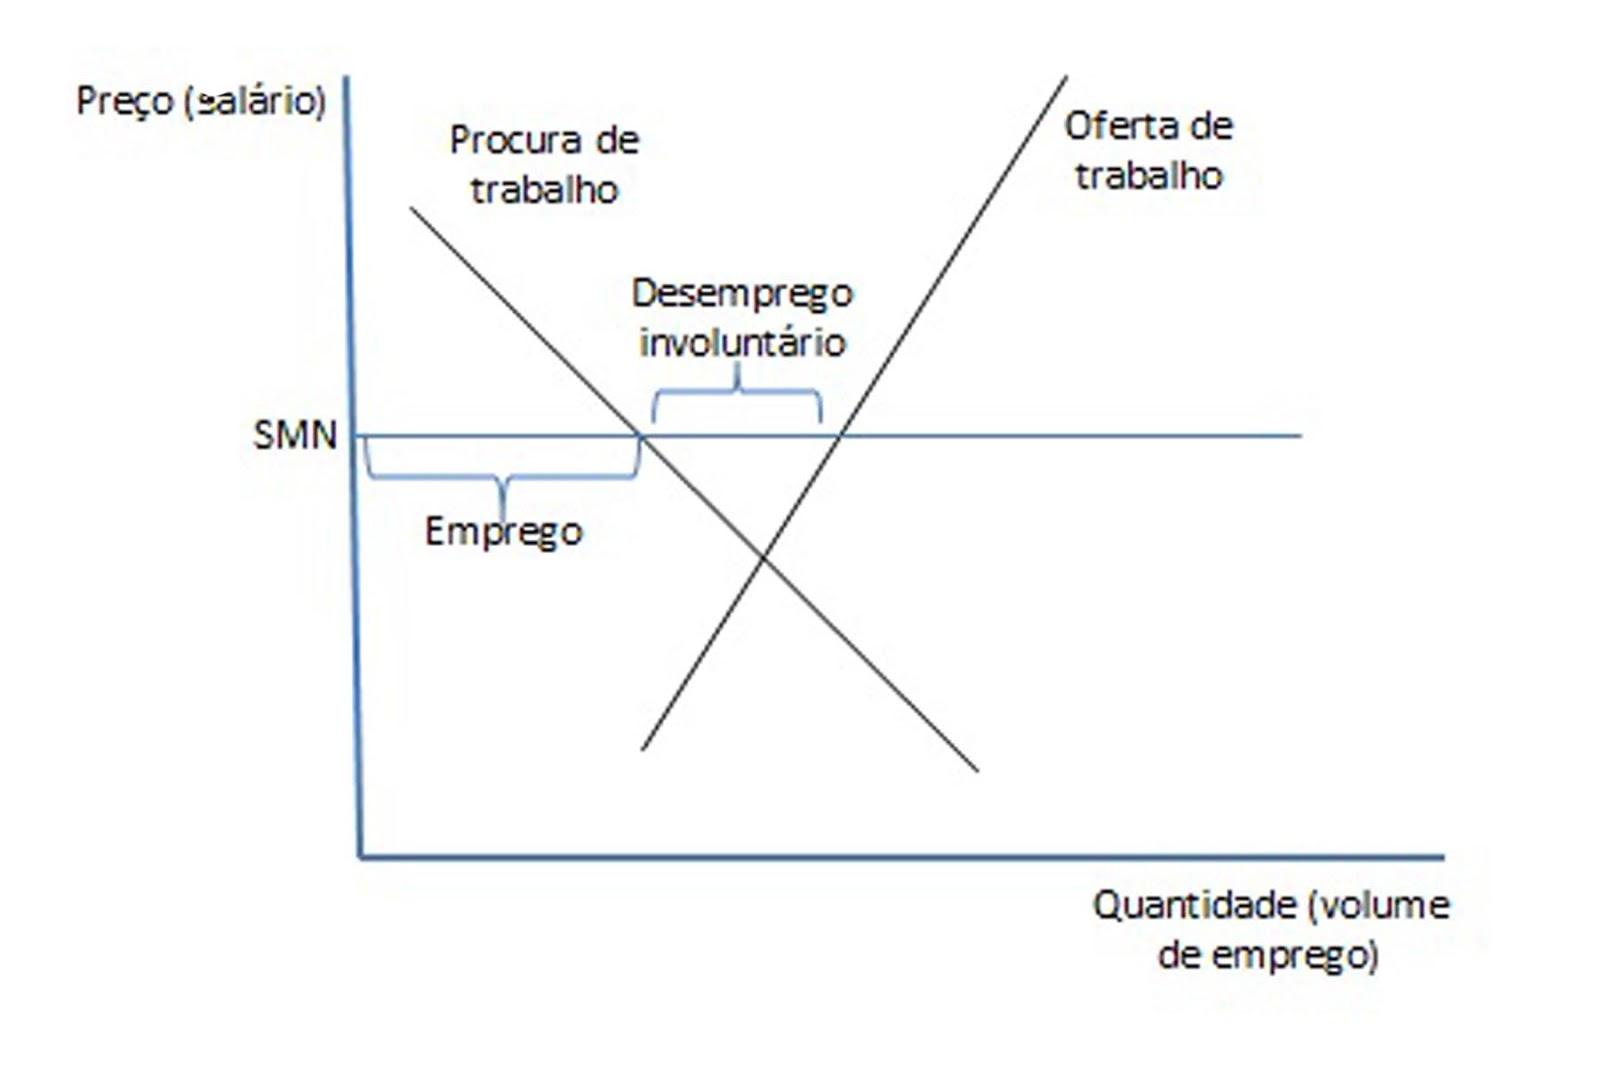 alteração na procura oferta de mercado A noção de mercado implica  a oferta e a procura são proposições que predizem o comportamento dos  alterações na procura do bem x uma alteração num ou .